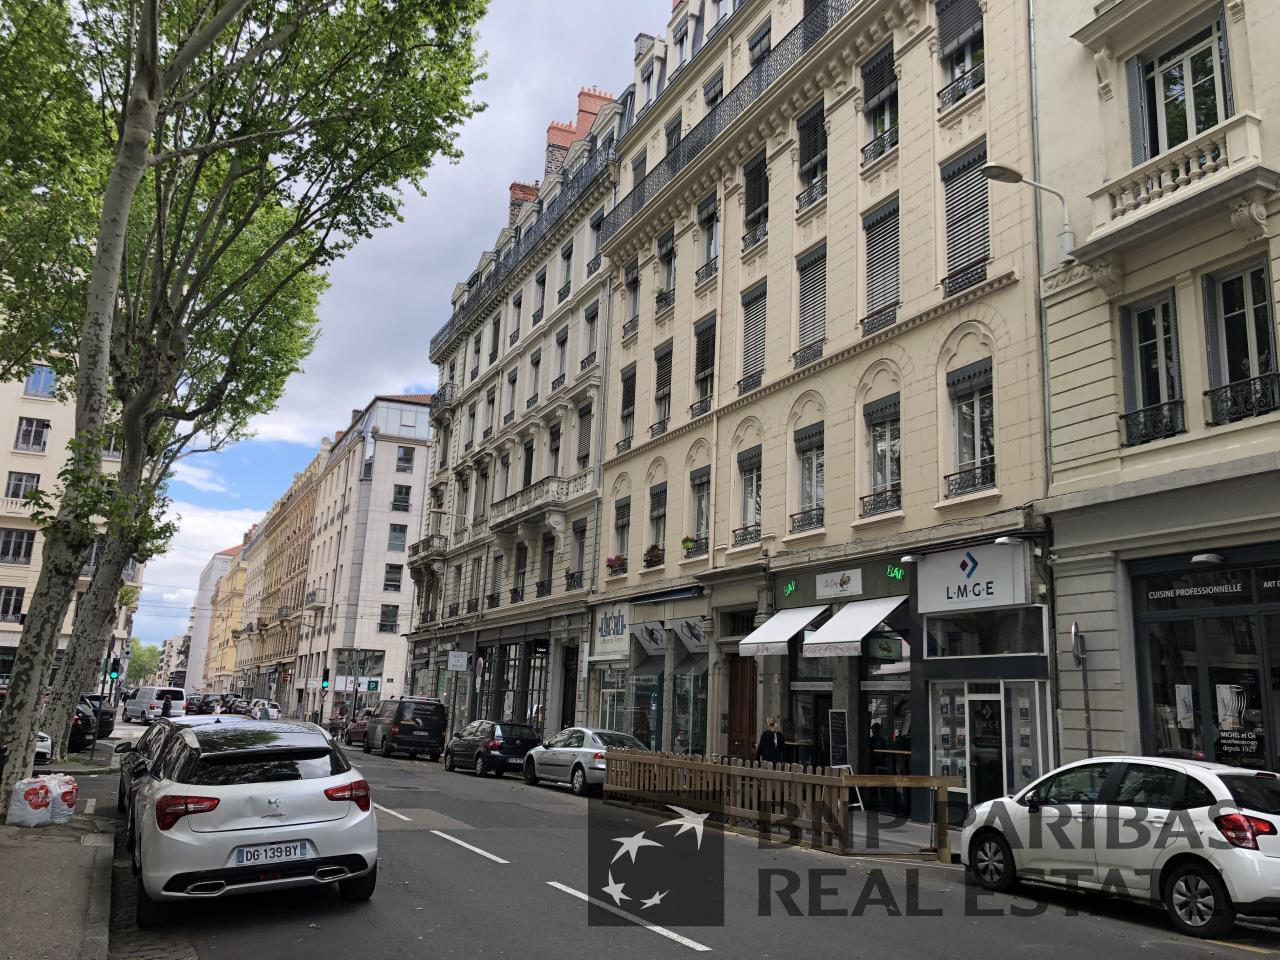 Location Bureau Lyon 6 69006 52m Bureauxlocaux Com